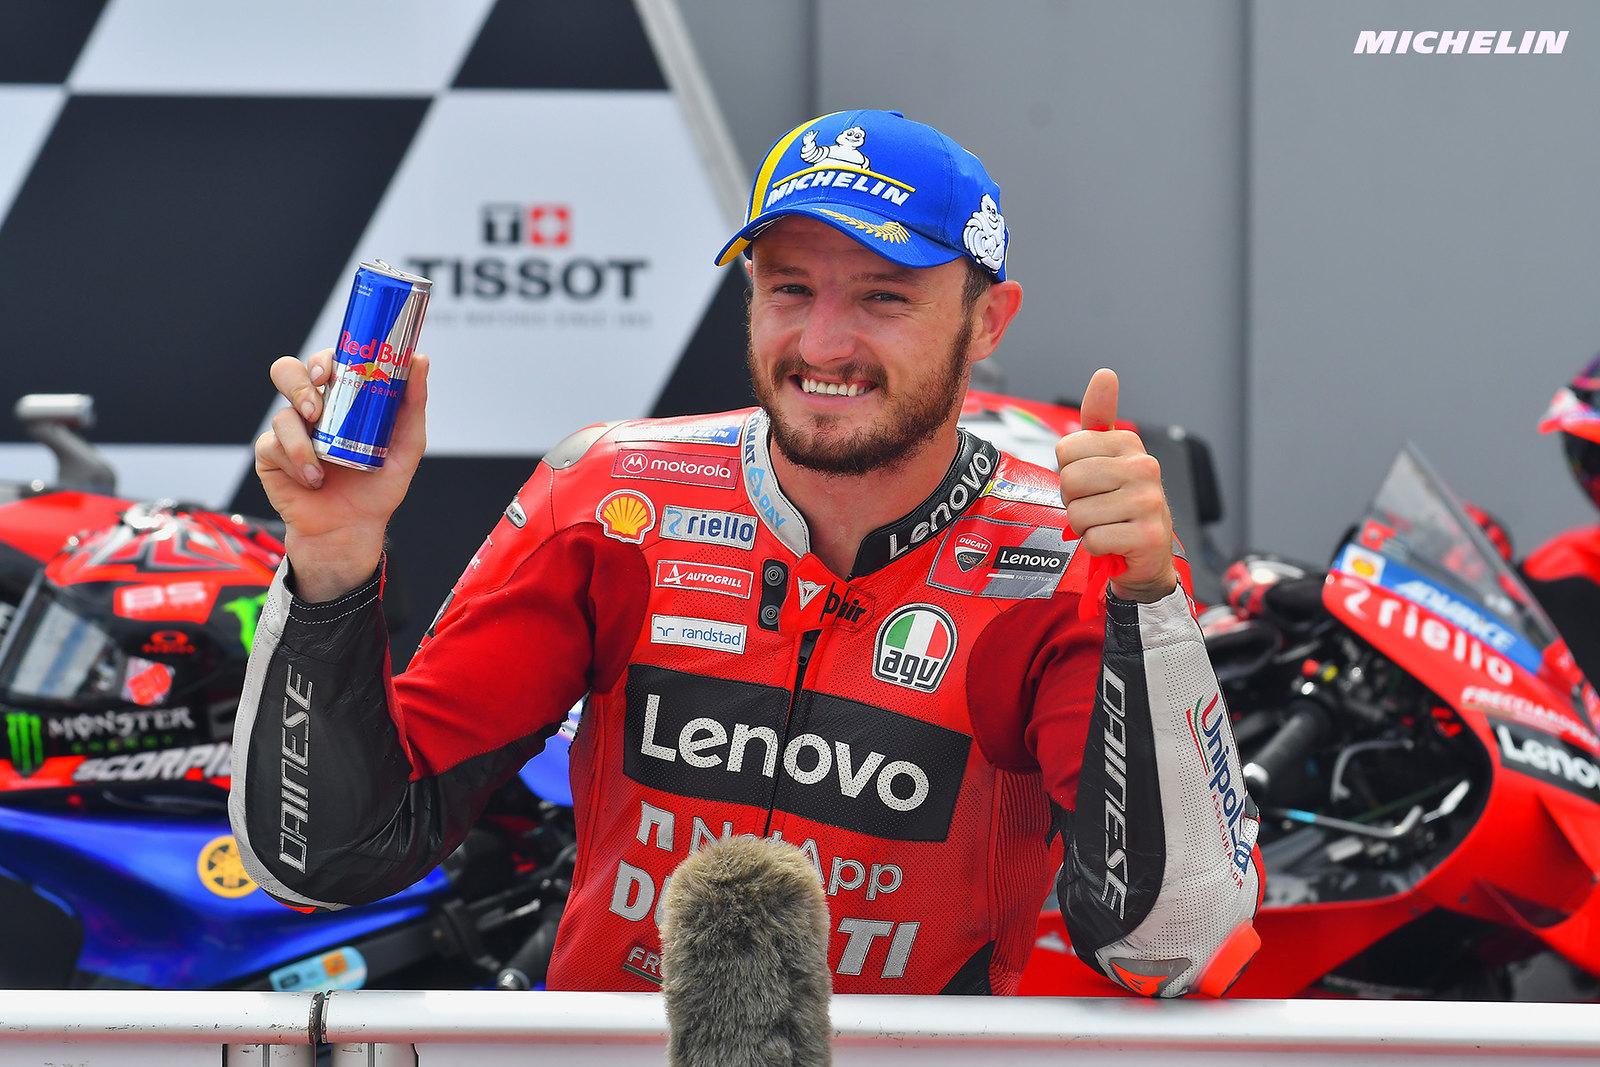 アラゴンGP 予選2位ジャック・ミラー「いかにバイクが改善されたかを実感している」